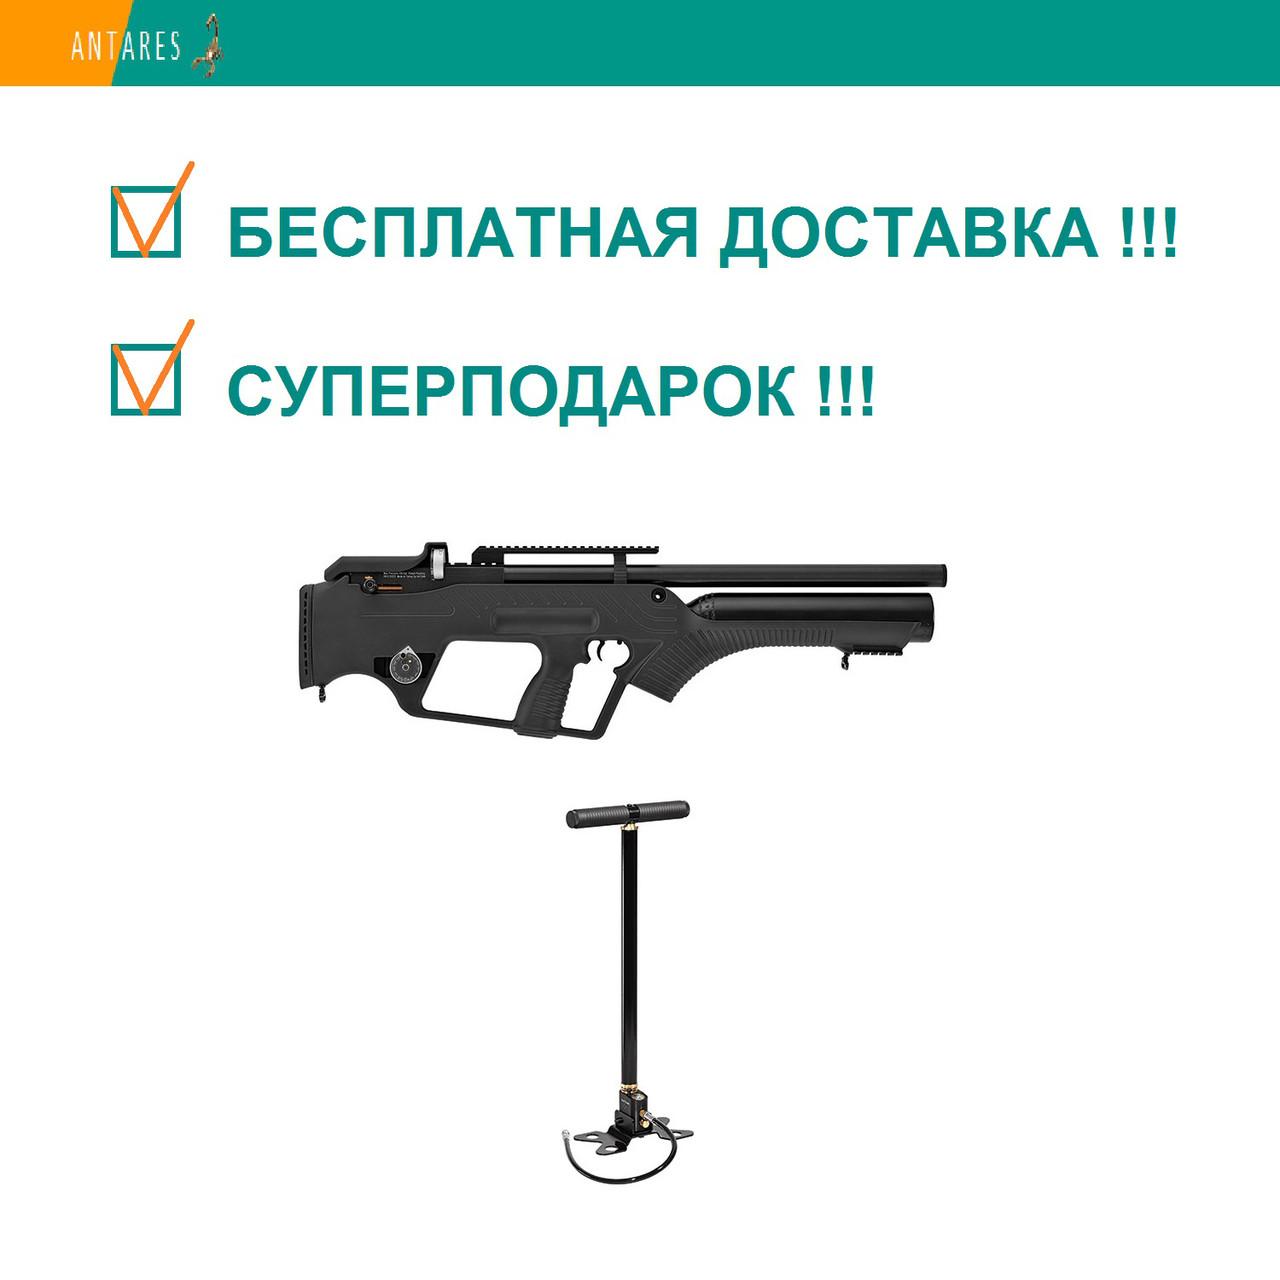 Пневматическая винтовка Hatsan Bullmaster с насосом предварительная накачка PCP полуавтоматич-й огонь 320 м/с, фото 1